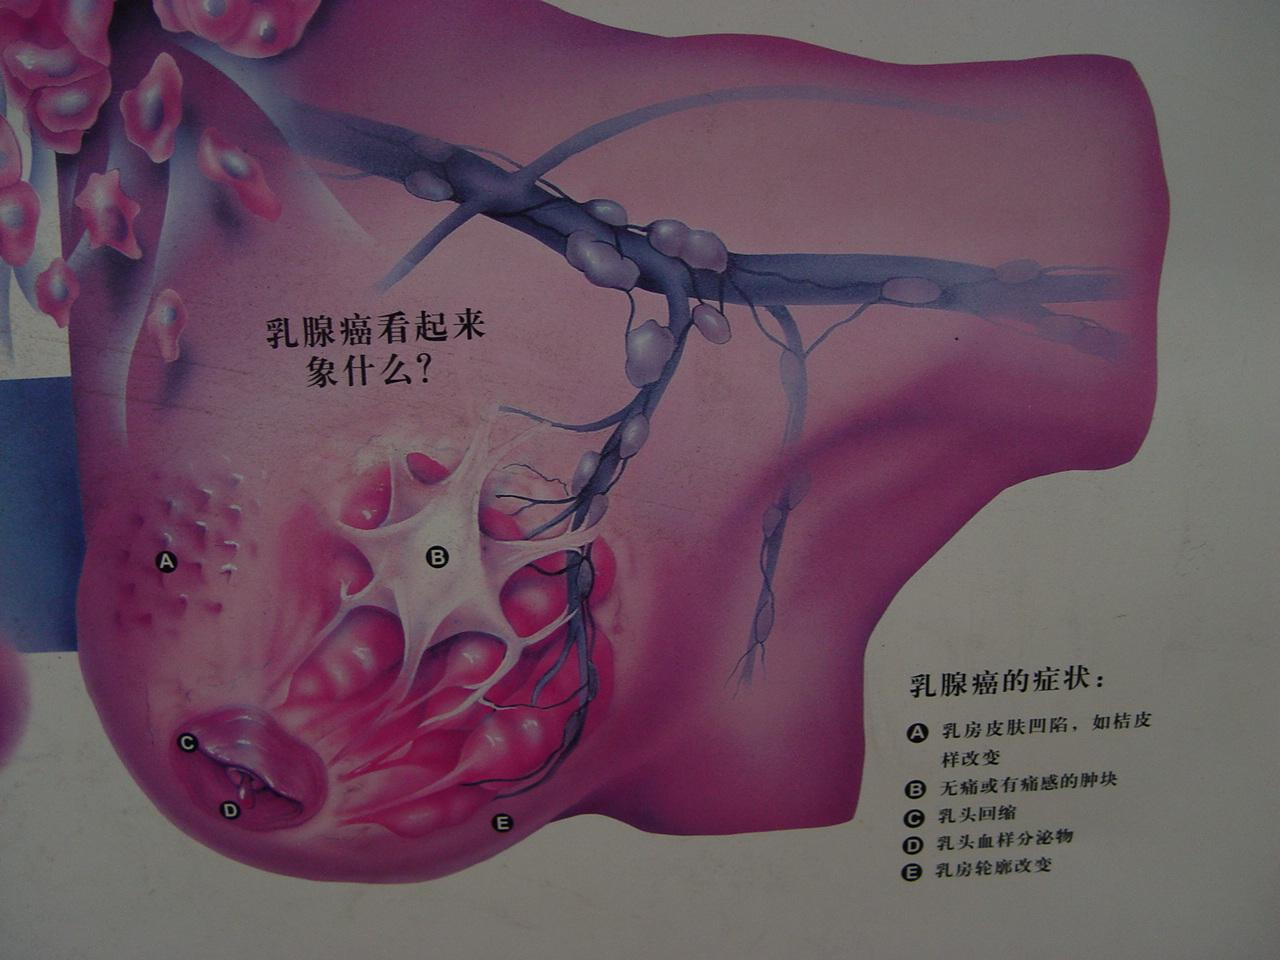 乳腺癌综合治疗